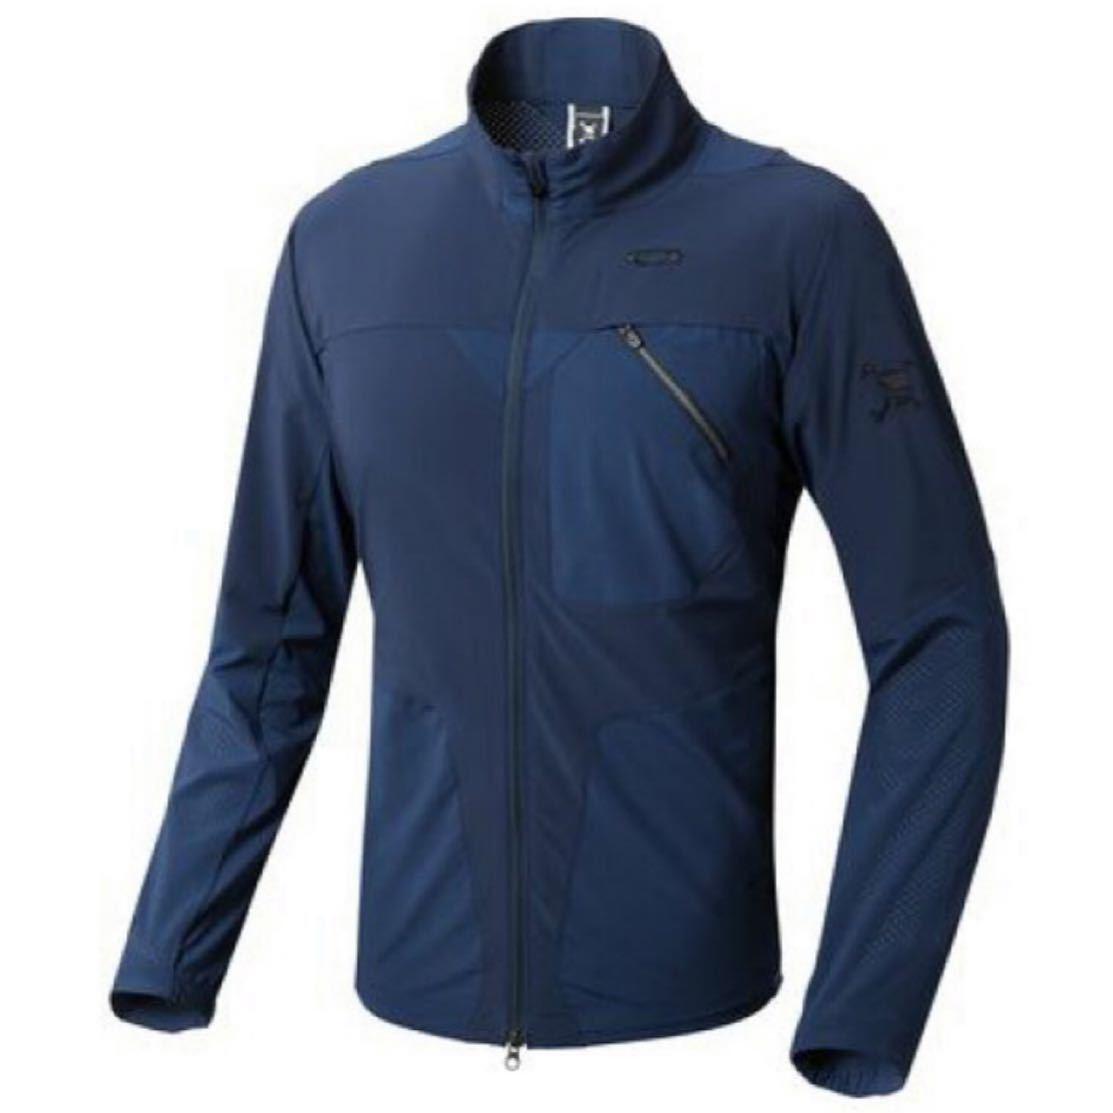 オークリー メンズ ゴルフ 長袖ウインドブレーカー Skull Breathable Jacket スカル刺繍 412549JP OAKLEY ネイビー サイズM